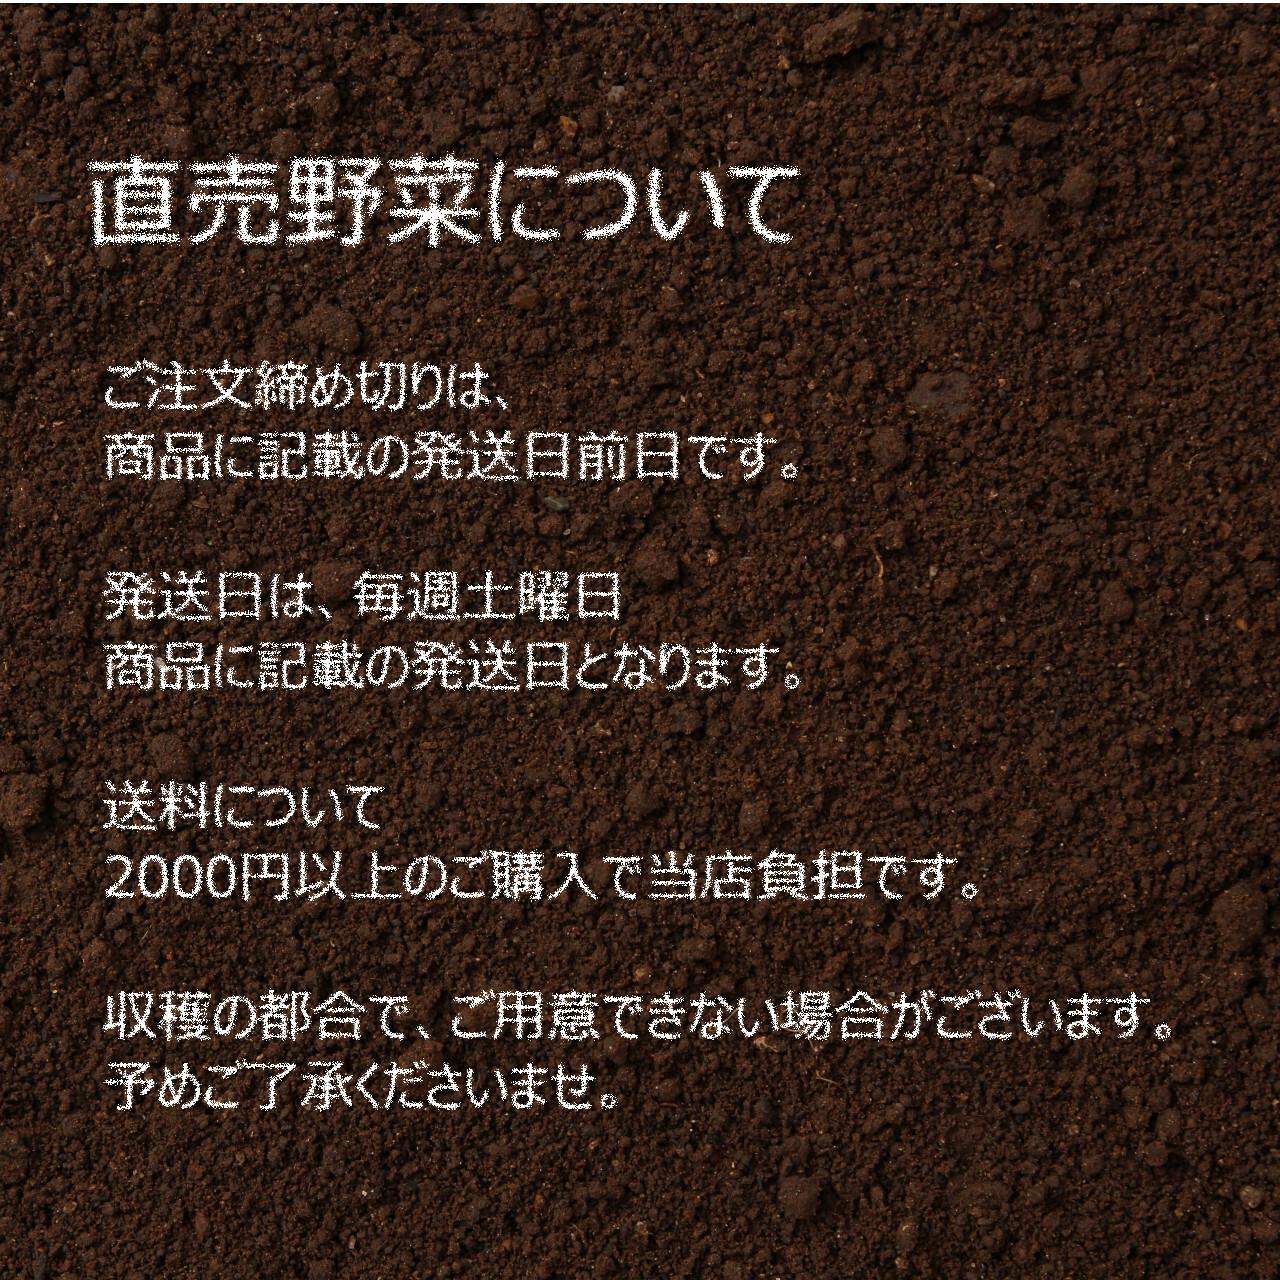 9月の朝採り直売野菜 : オクラ 約120g 新鮮な秋野菜 9月14日発送予定